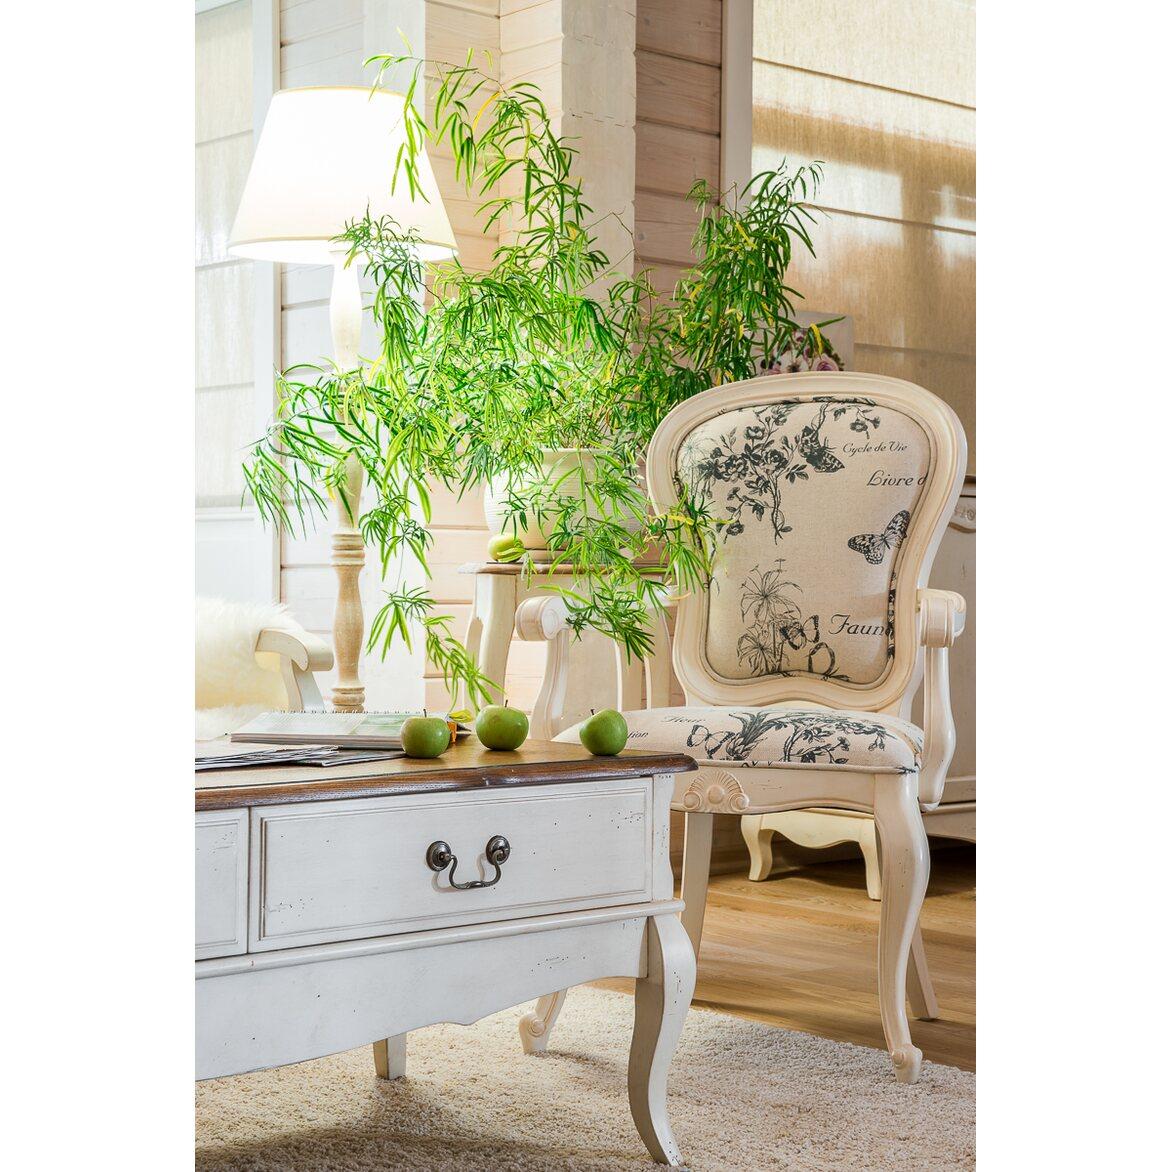 Полукресло с твердыми подлокотниками обивка с цветами Leontina, бежевого цвета 2   Кресло-стул Kingsby